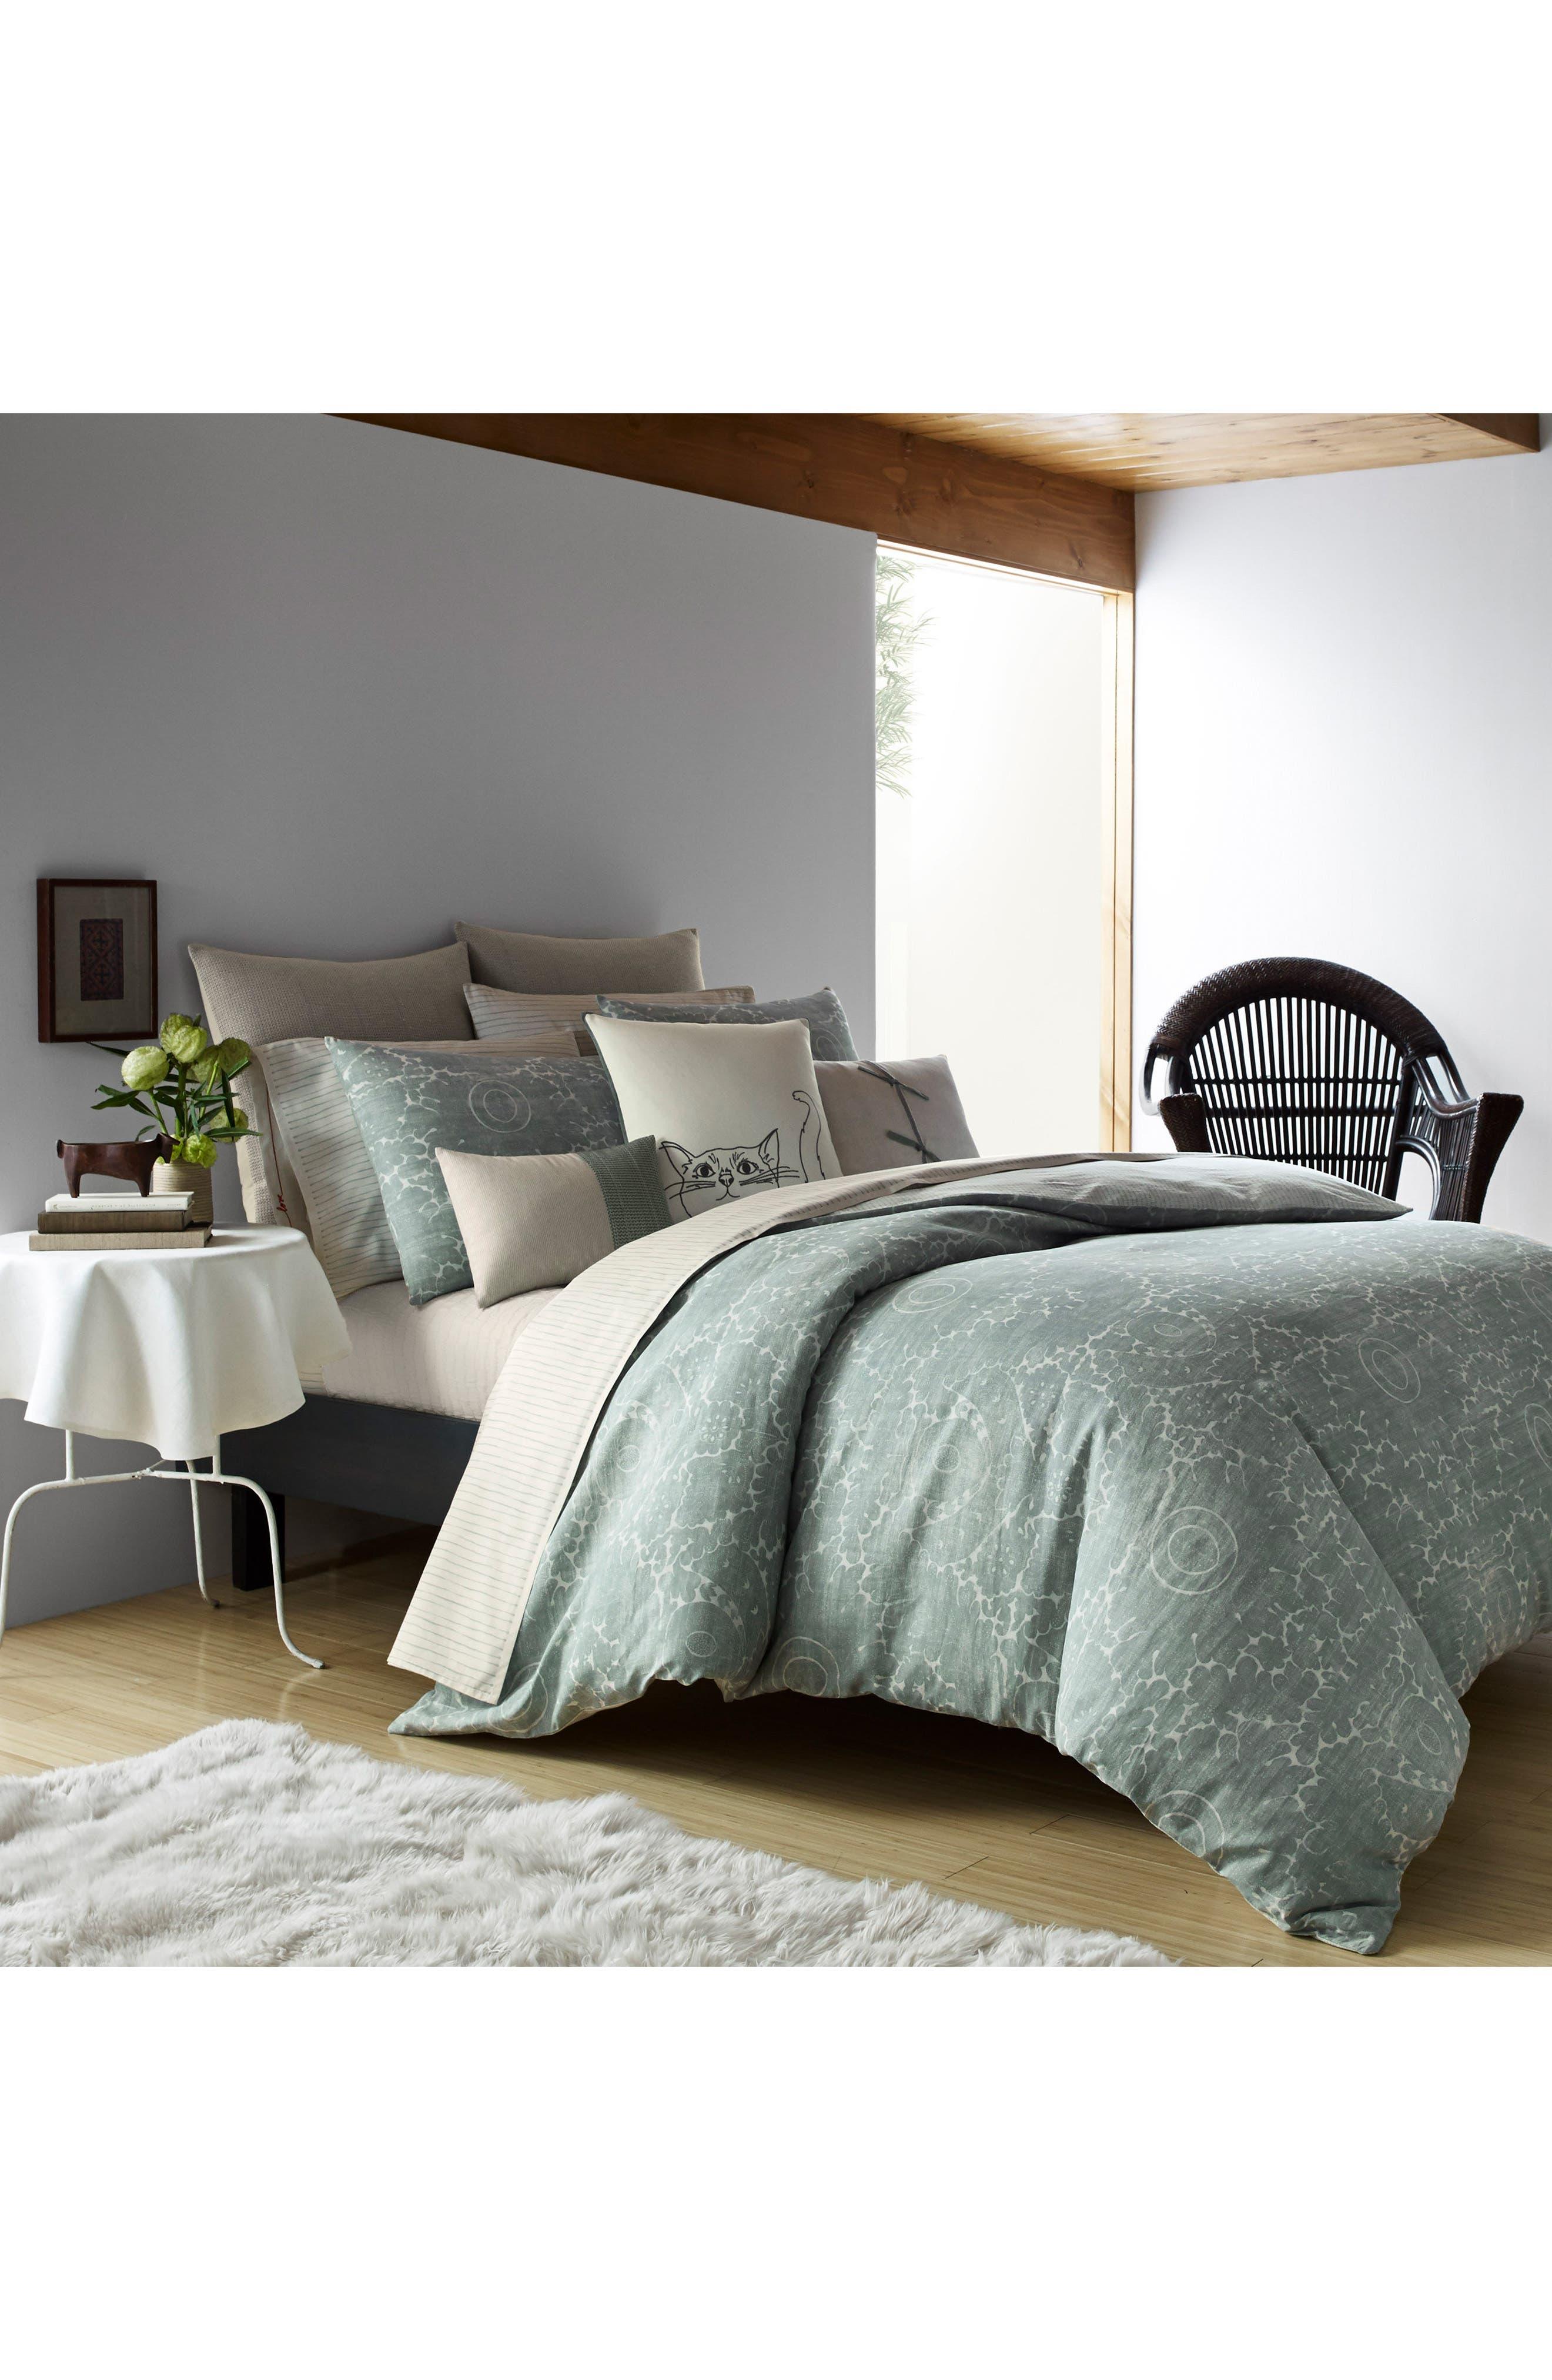 Alternate Image 1 Selected - ED Ellen DeGeneres Eden Comforter & Sham Set